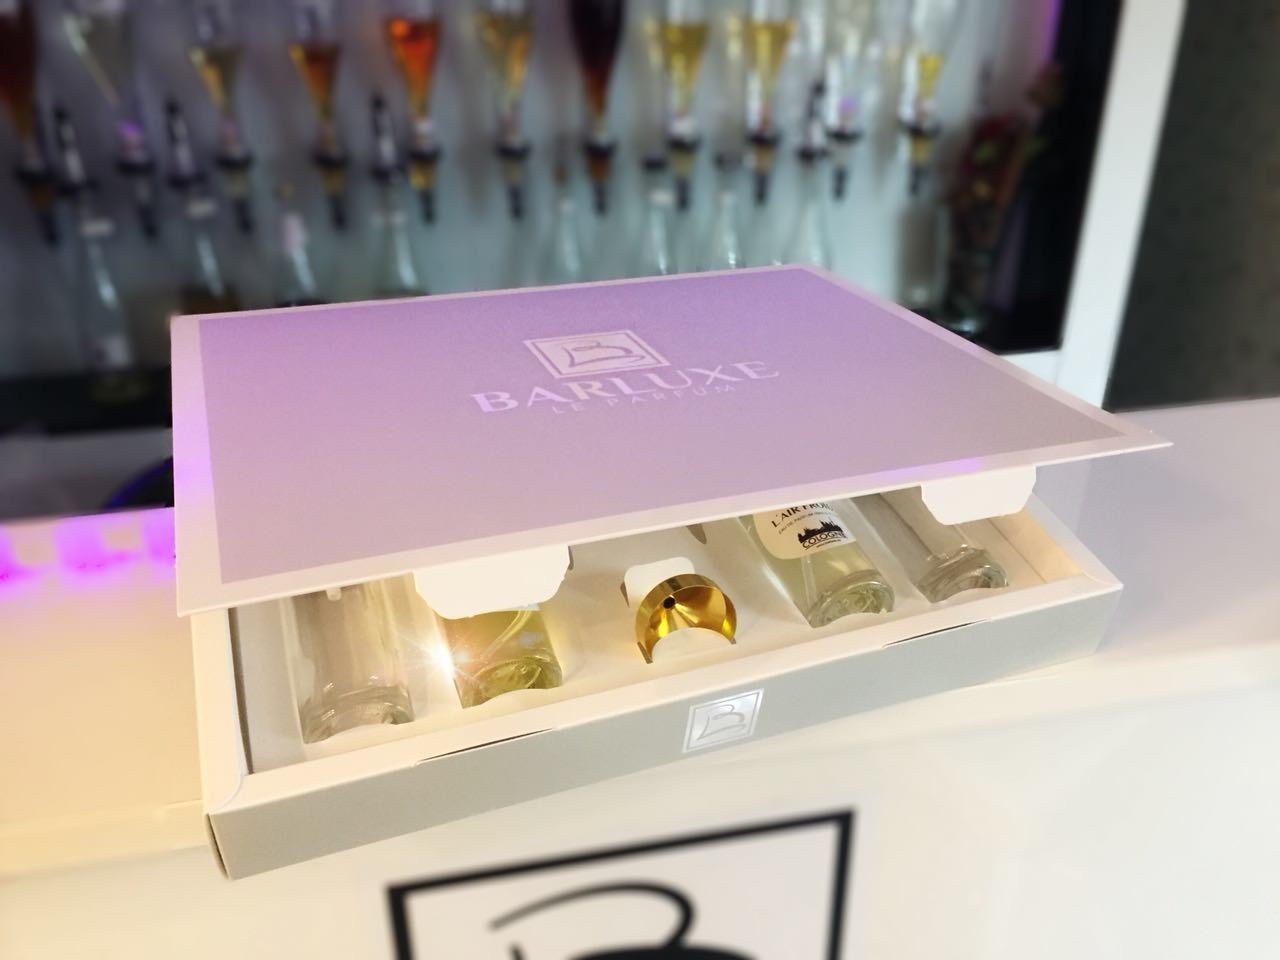 Barluxe Parfum Box Halboffen